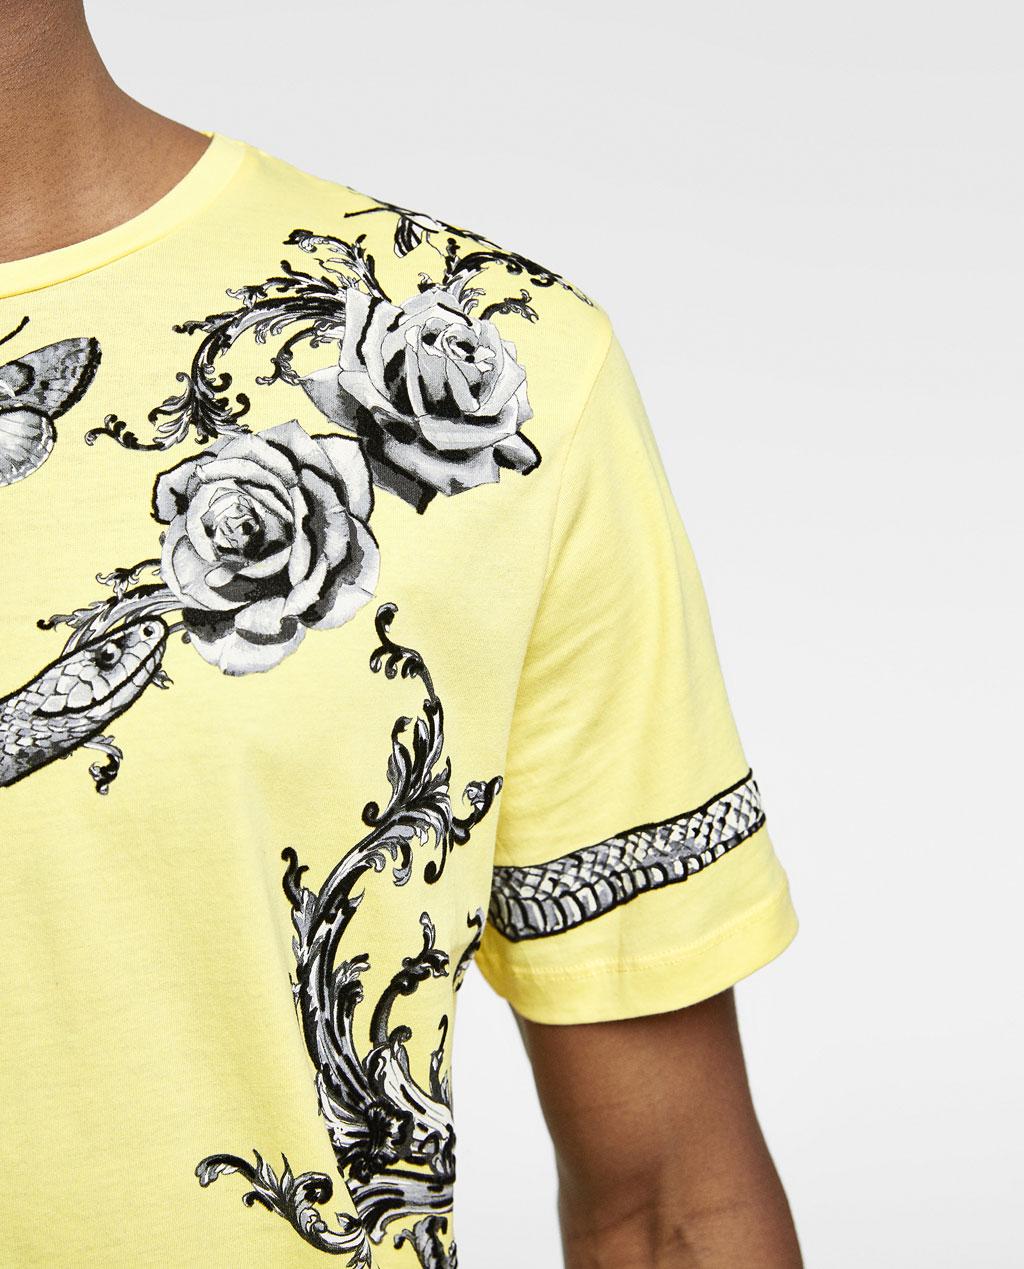 Thời trang nam Zara  23901 - ảnh 7